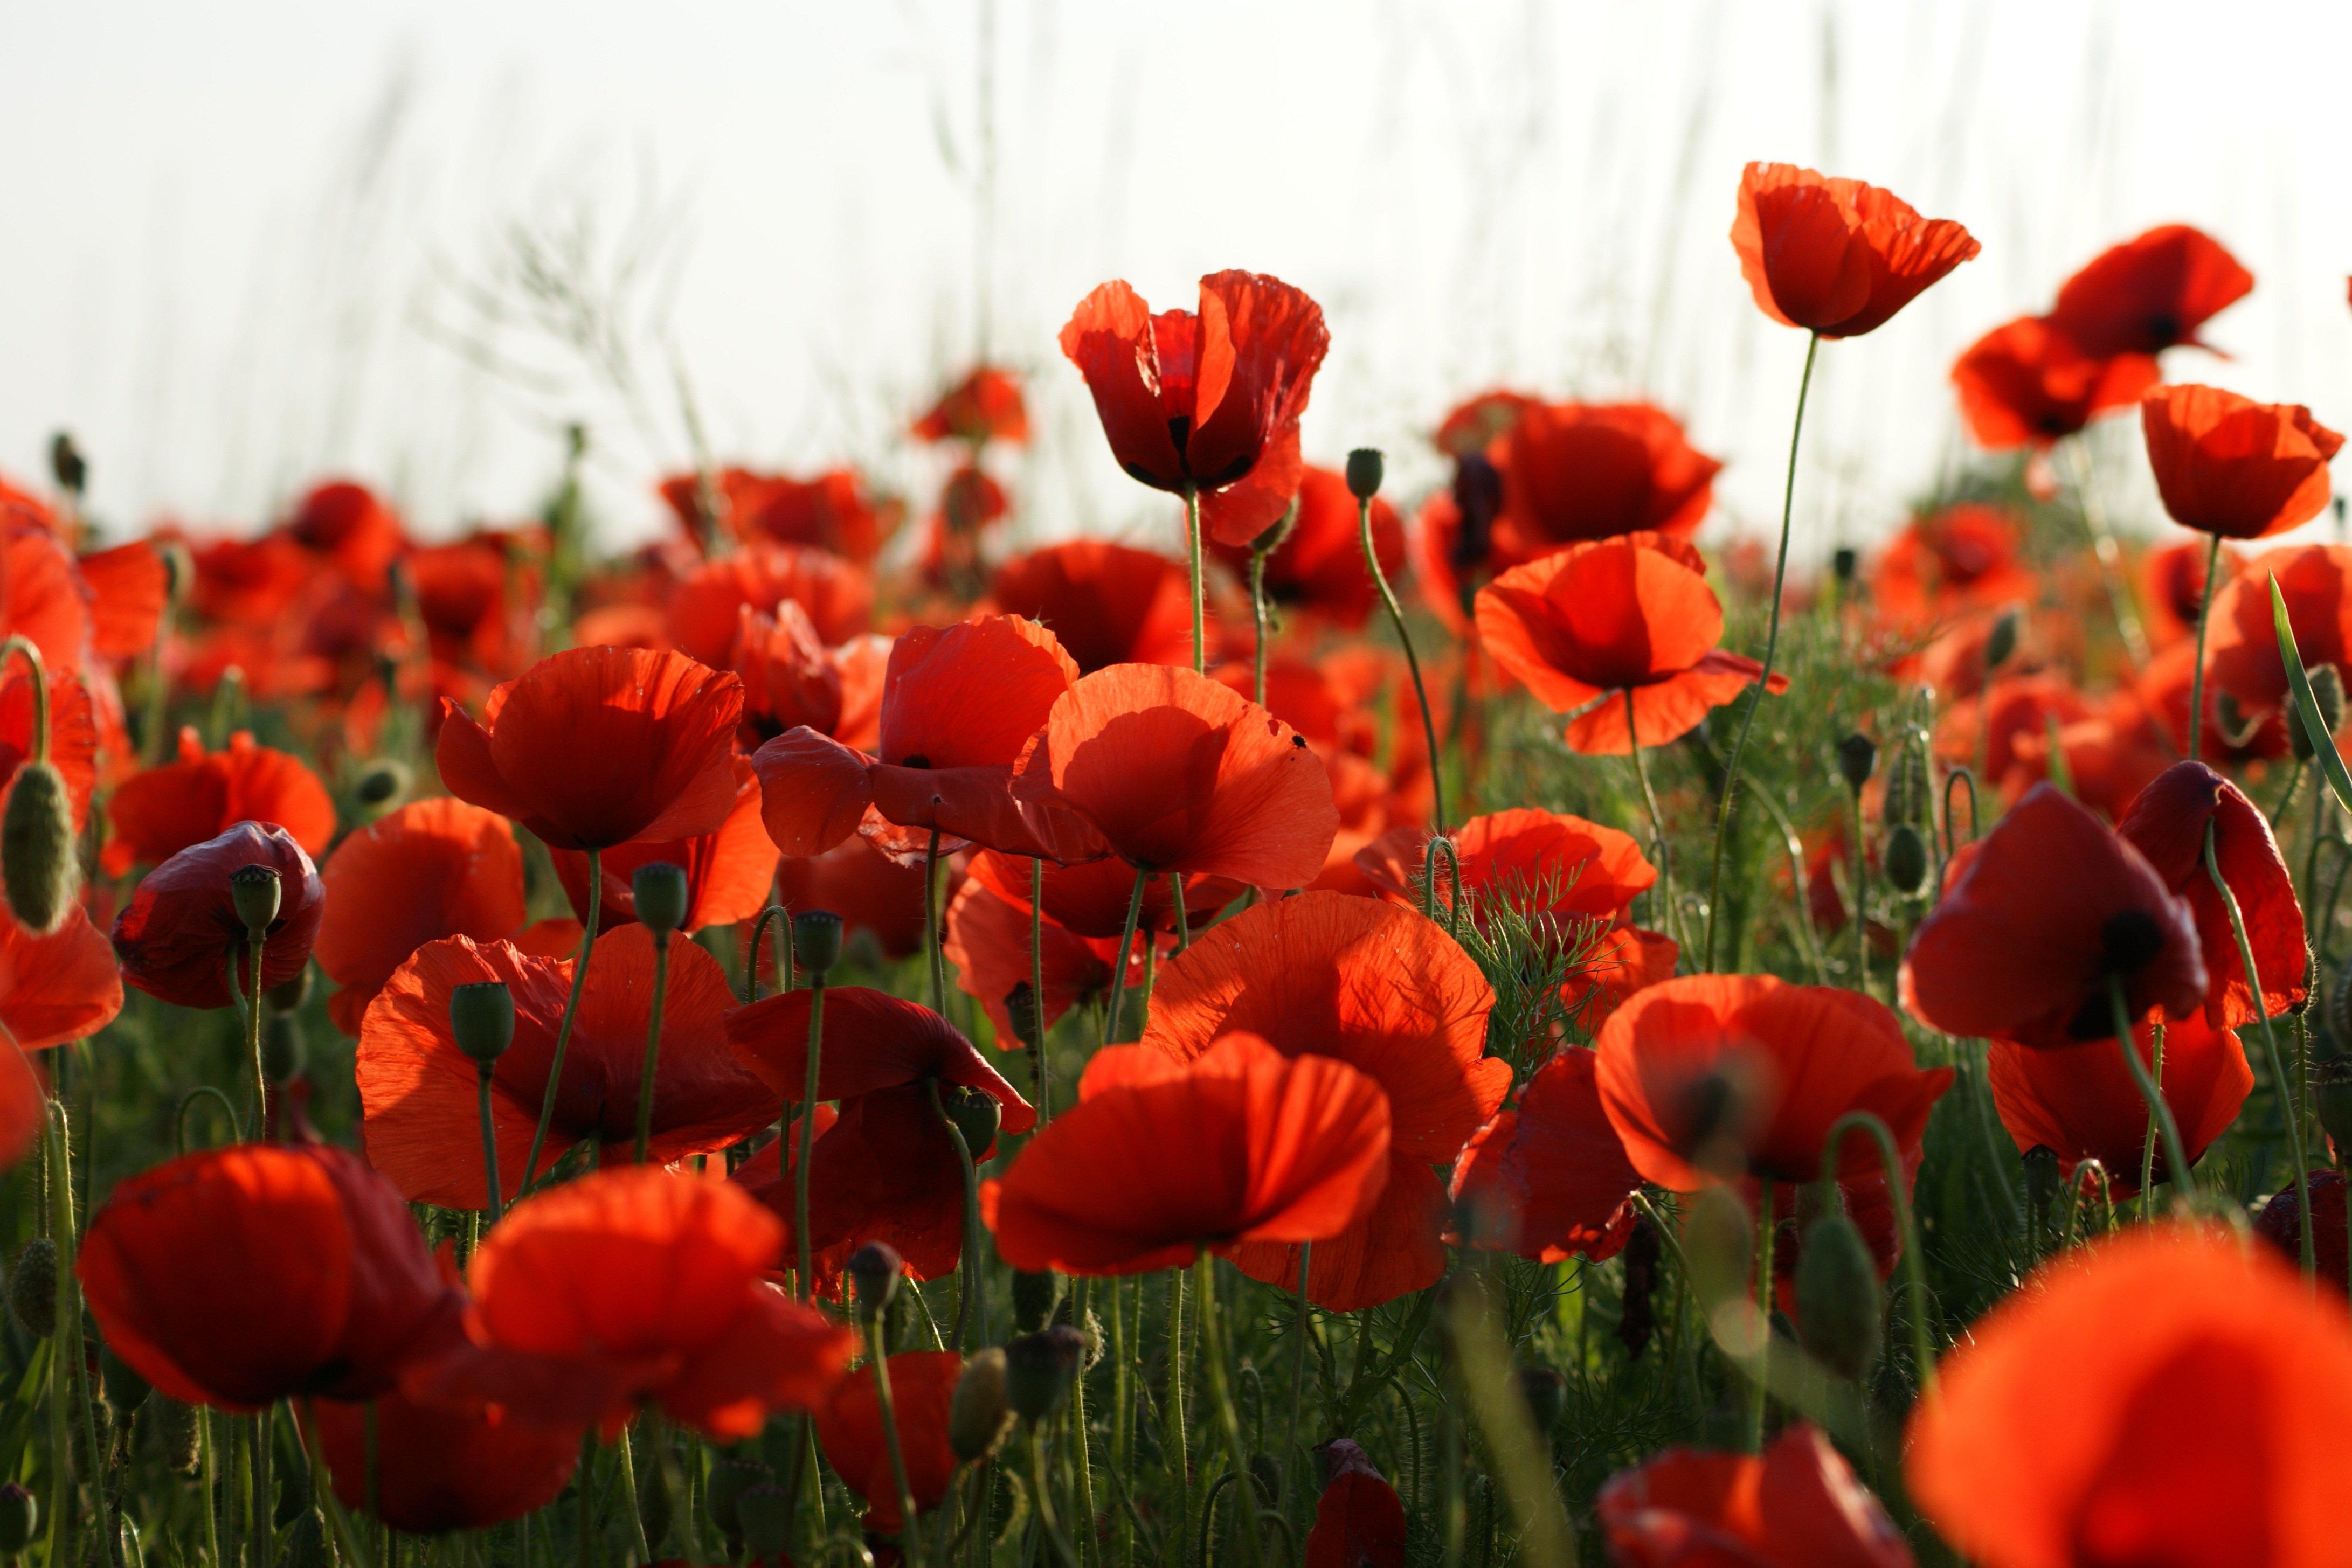 Картинки Красный мак цветок Много 4364x2910 красная красные красных Маки Цветы